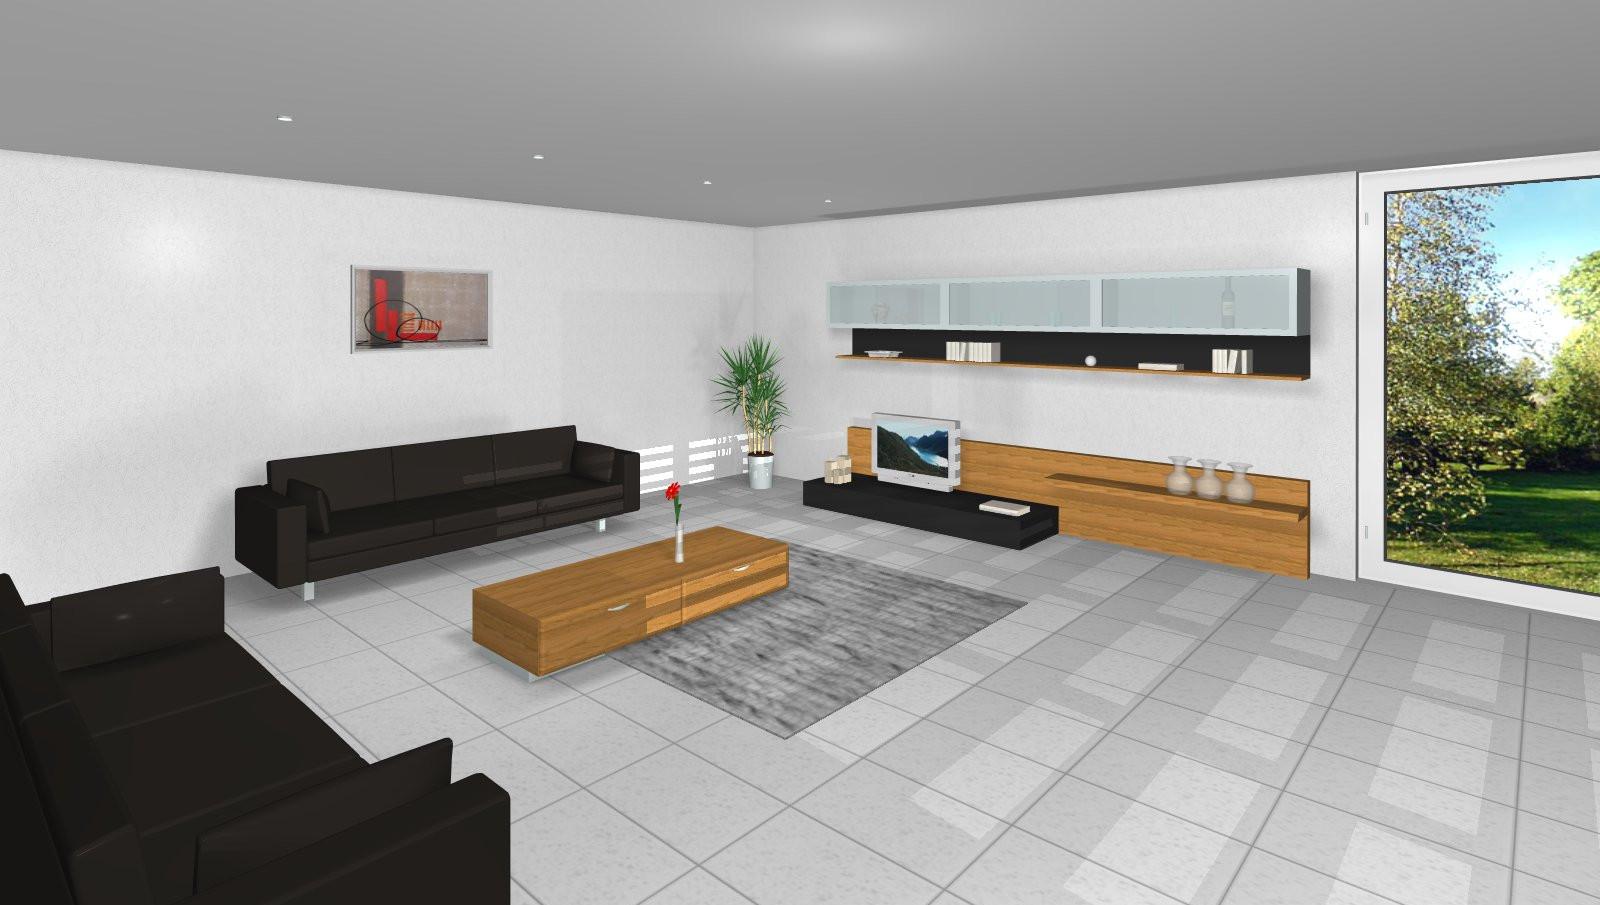 Wohnzimmer Design  wohnzimmer design wohnzimmer einrichten Design Wohnzimmer